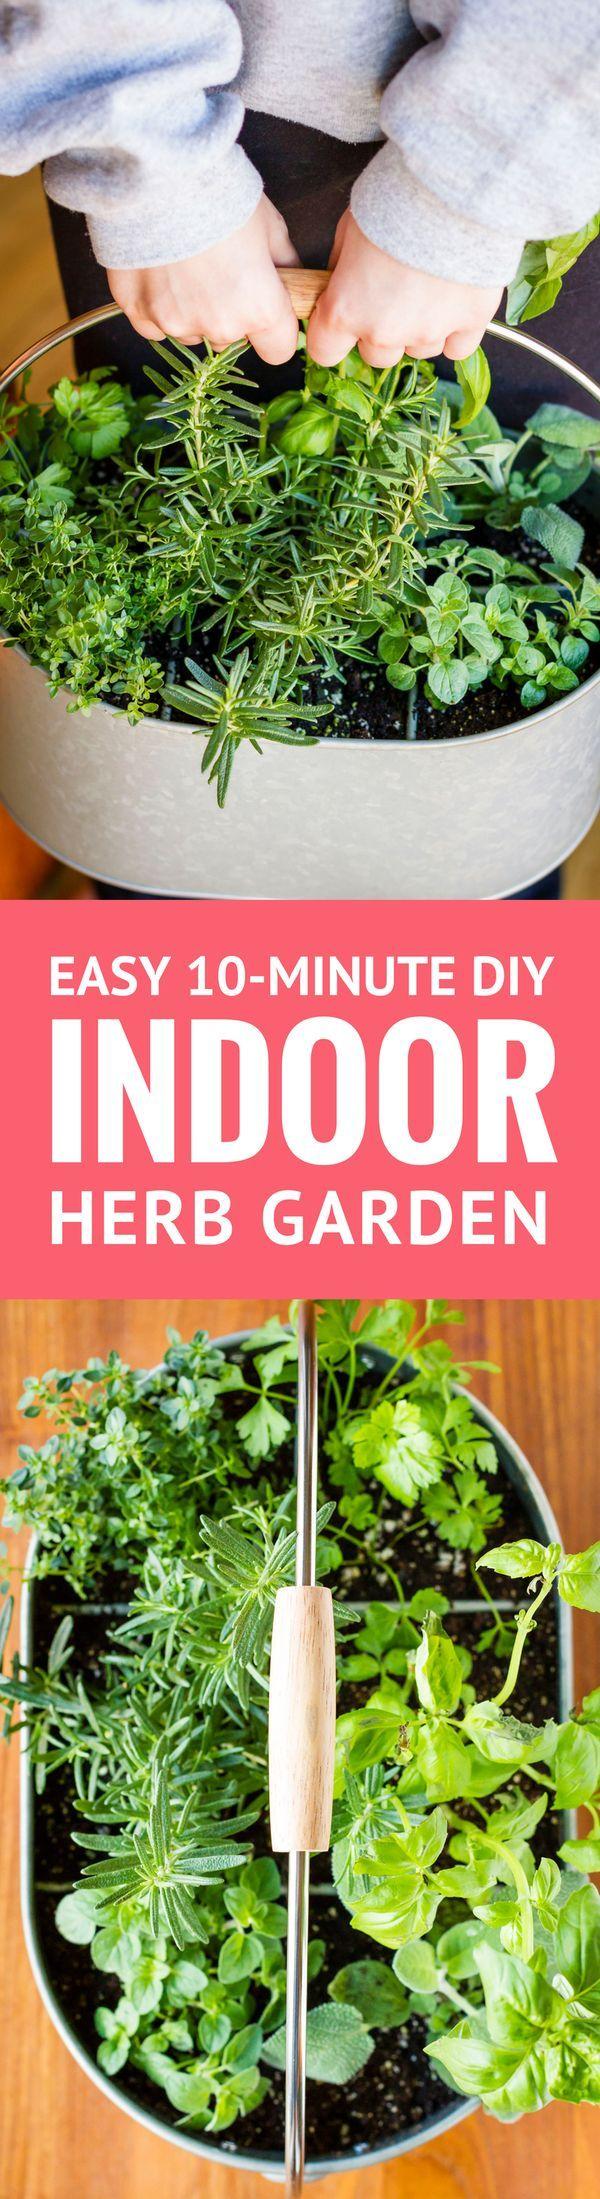 Create A Simple Diy Indoor Herb Garden In Under 10 Minutes 640 x 480